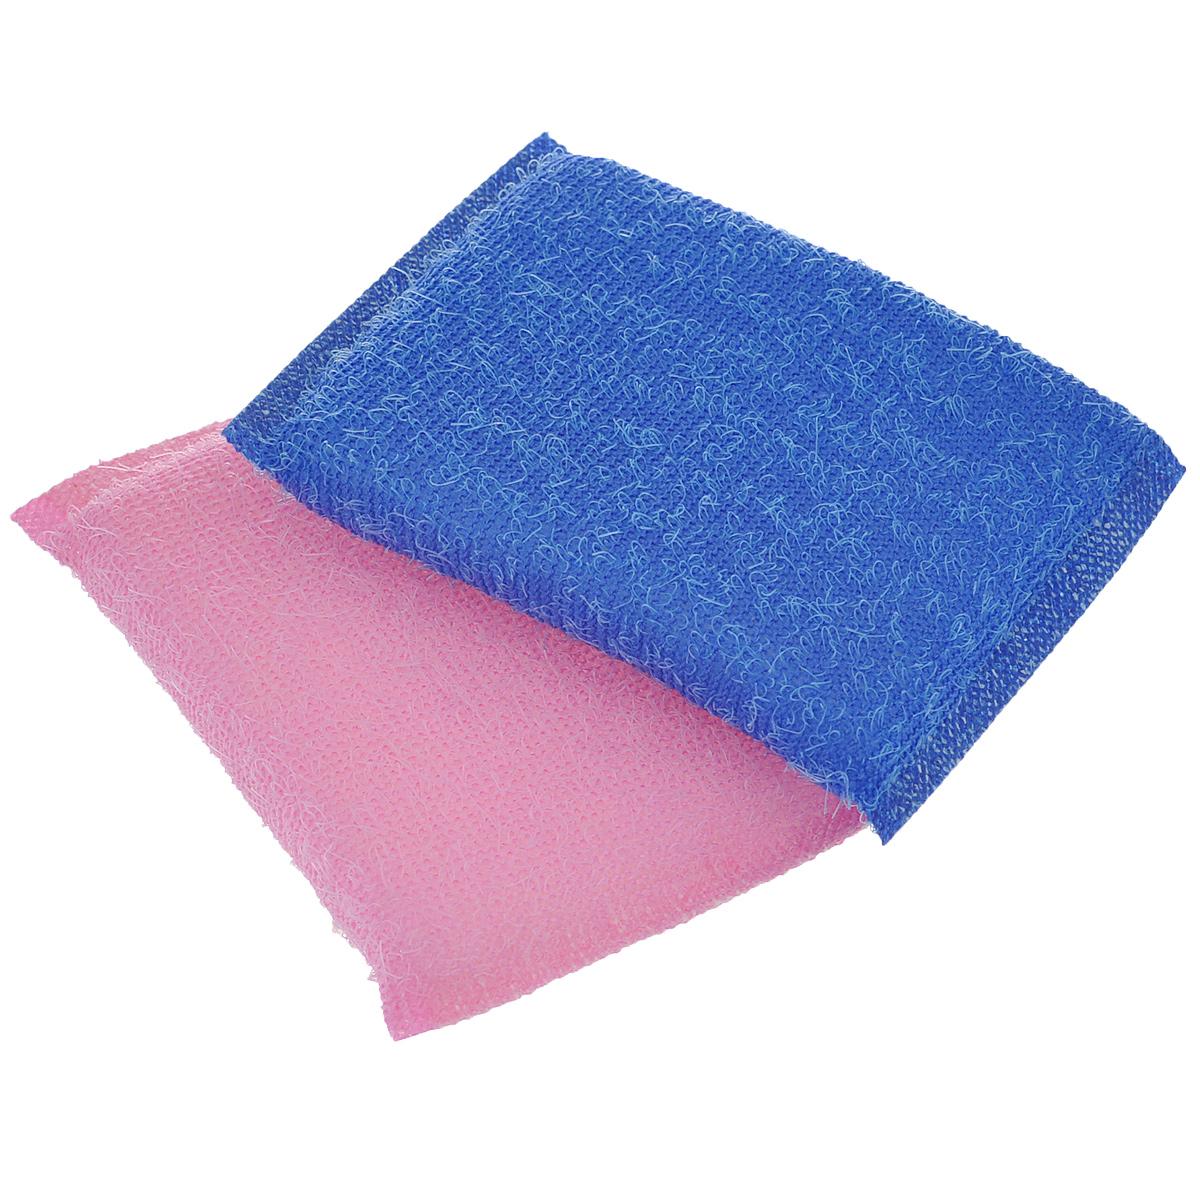 Губка для мытья посуды Хозяюшка Мила Кактус, цвет: розовый, синий, 2 штOLIVIERA 75012-5C CHROMEНабор Хозяюшка Мила Кактус состоит из 2 губок, изготовленных из поролона. Они предназначены для интенсивной чистки и удаления сильных загрязнений с посуды (противни, решетки-гриль, кастрюли).Не рекомендуется использовать для посуды с антипригарным покрытием. Губки сохраняют чистоту и свежесть даже после многократного применения, а их эргономичная форма удобна для руки.Размер губки: 12 х 2 х 8 см.